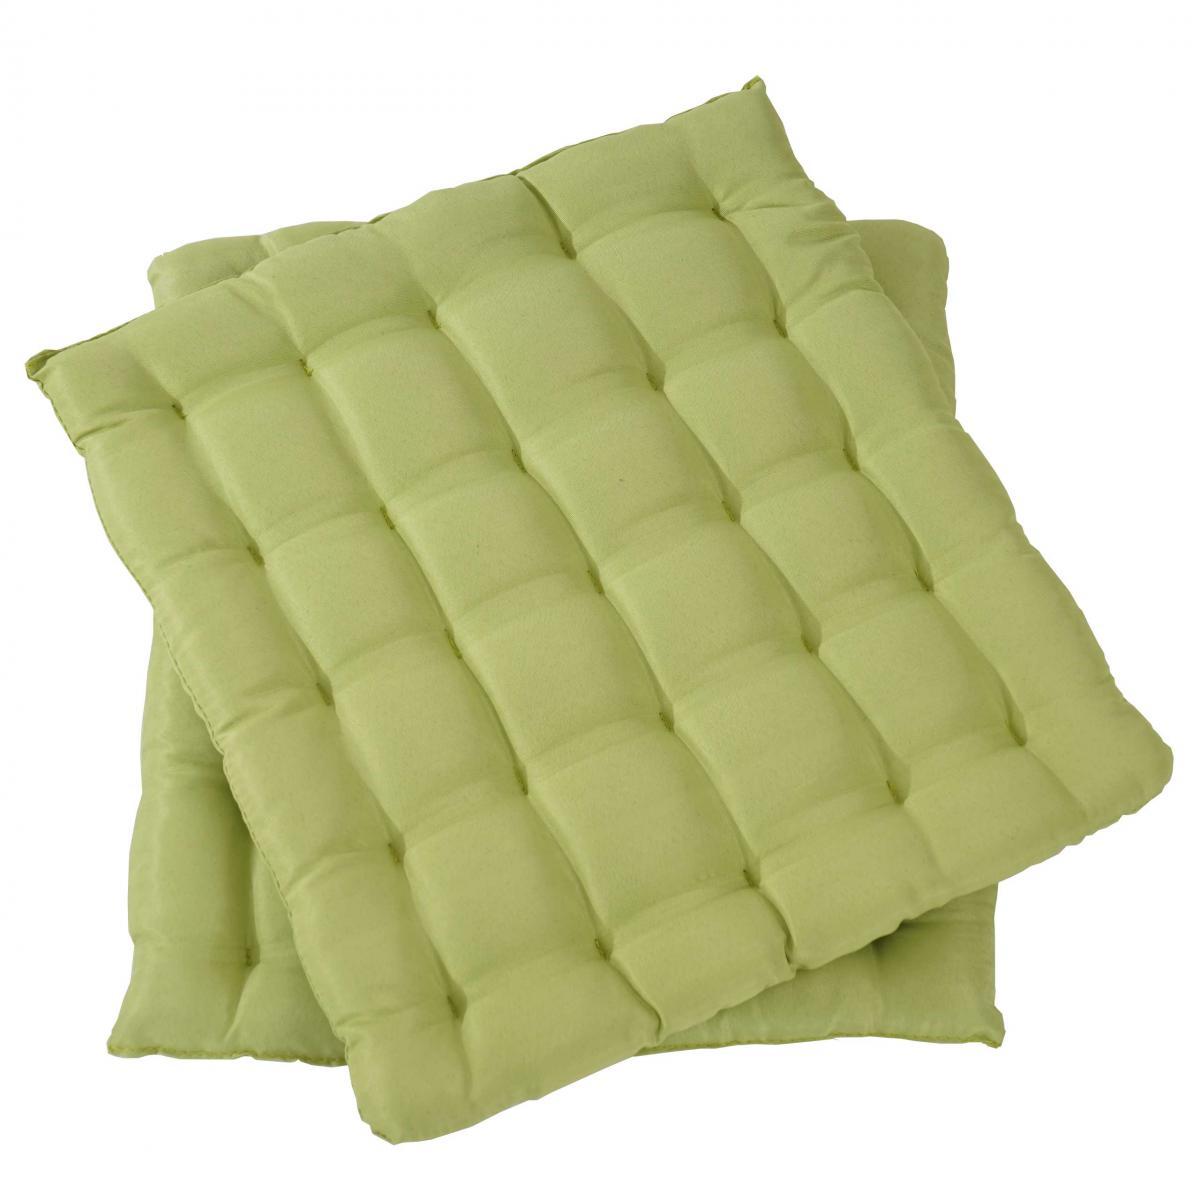 Mendler 2x coussin Canberra, coussins de chaise, 43x41x3cm ~ vert clair